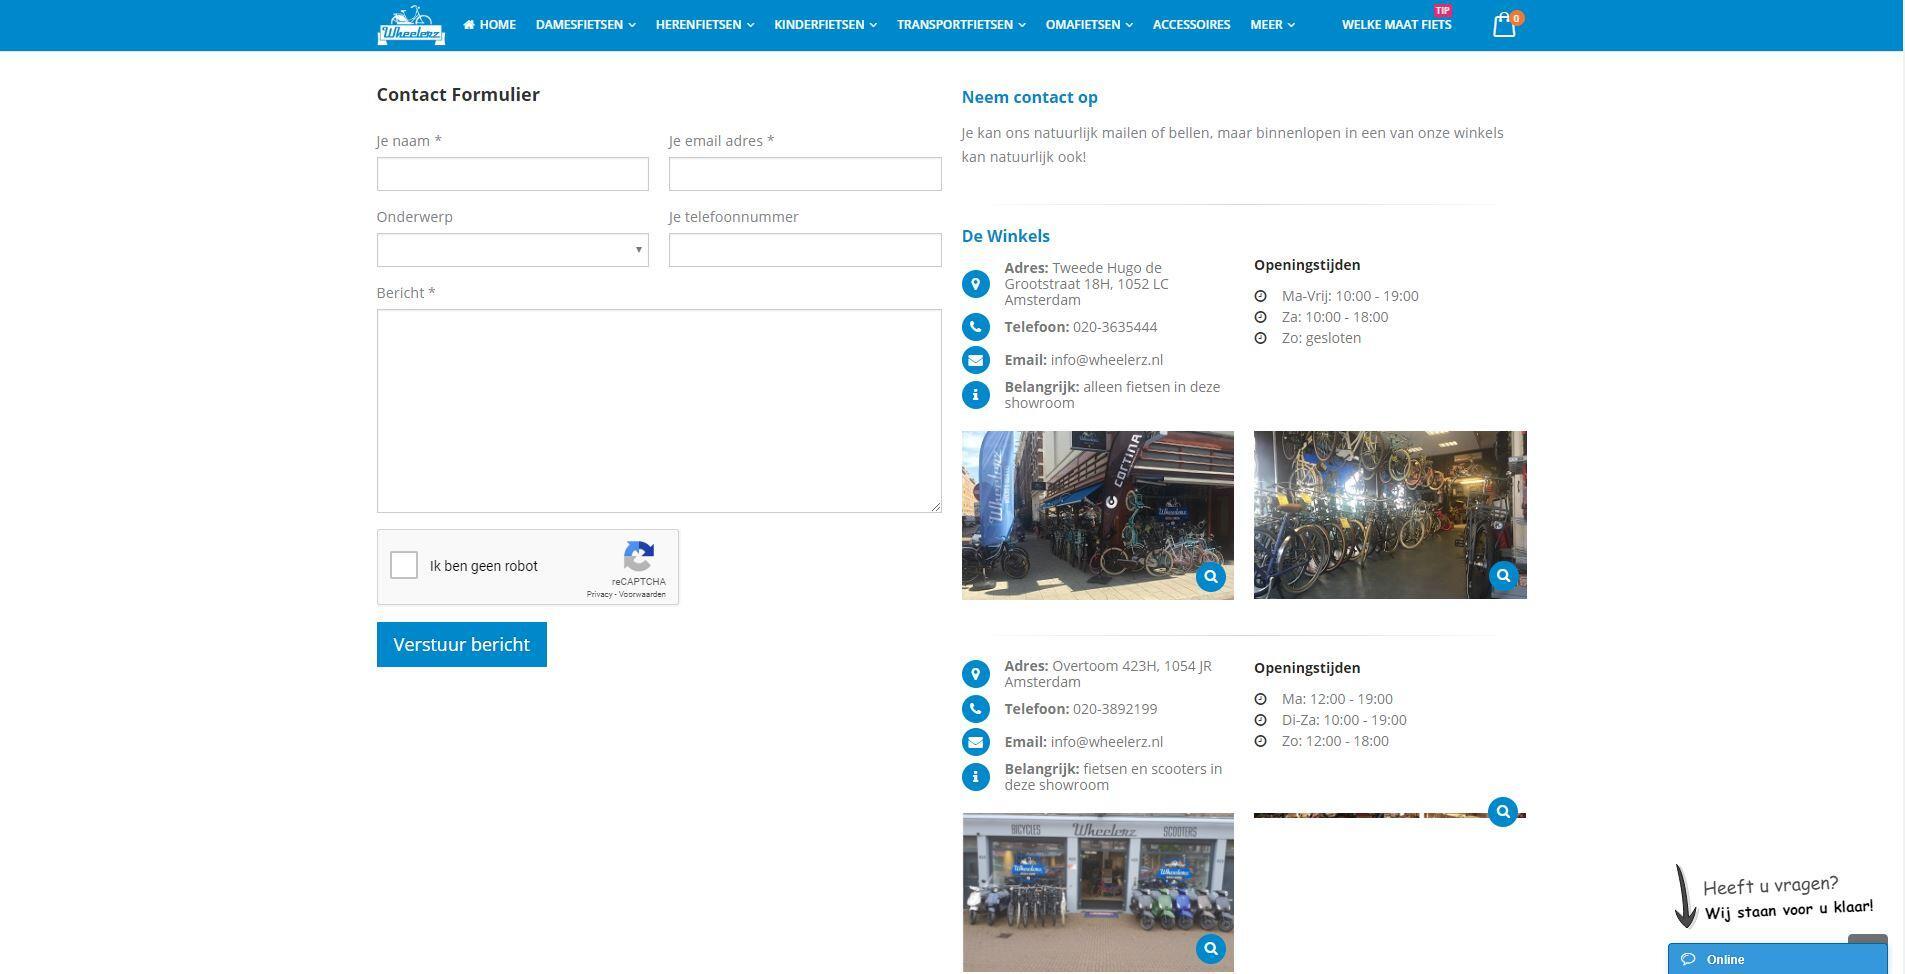 Fietsenwinkel webshop Amsterdam